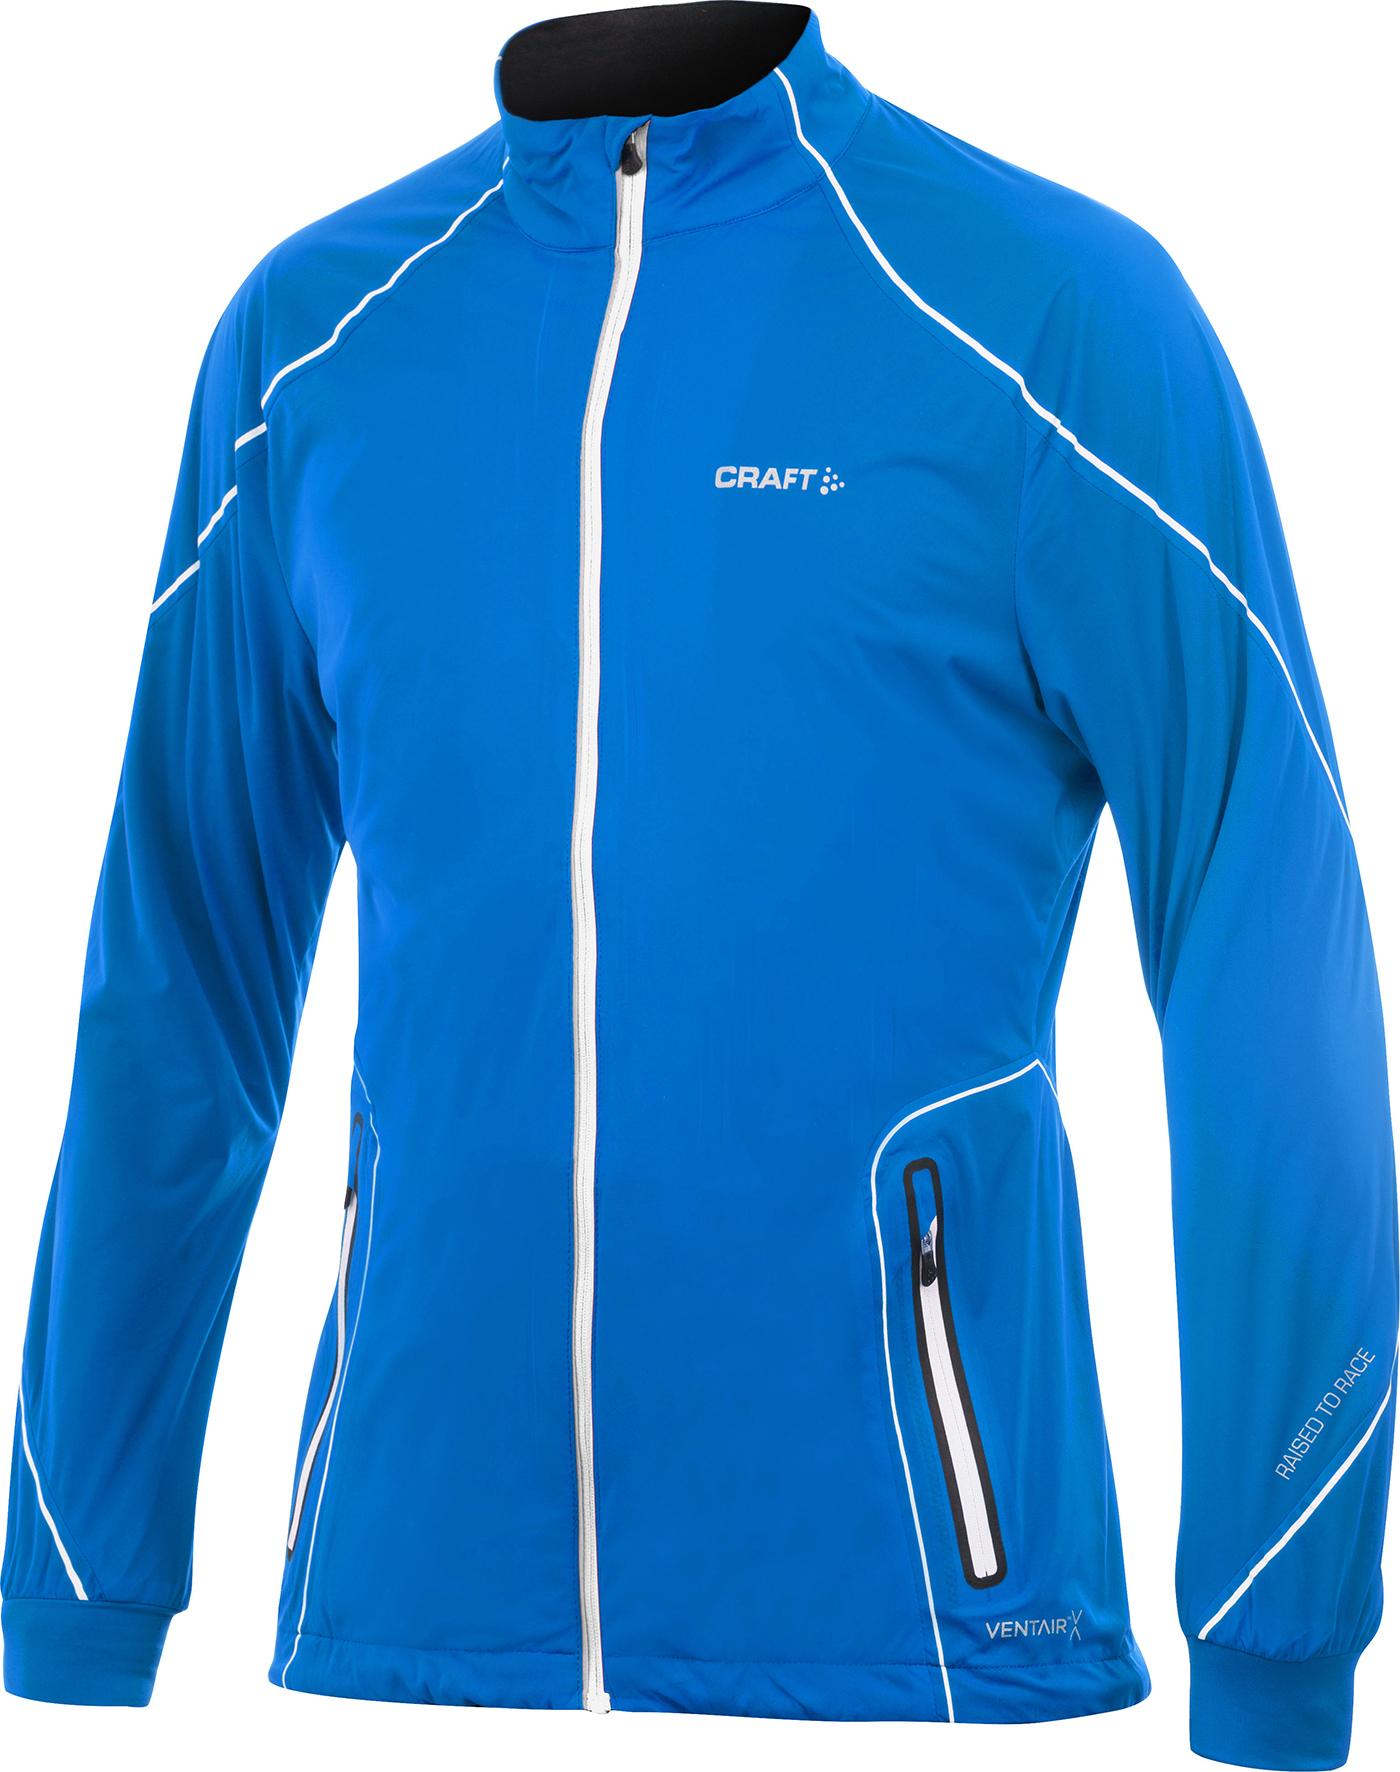 Мужская лыжная куртка Craft Performance XC High Function (1902269-2336) blue